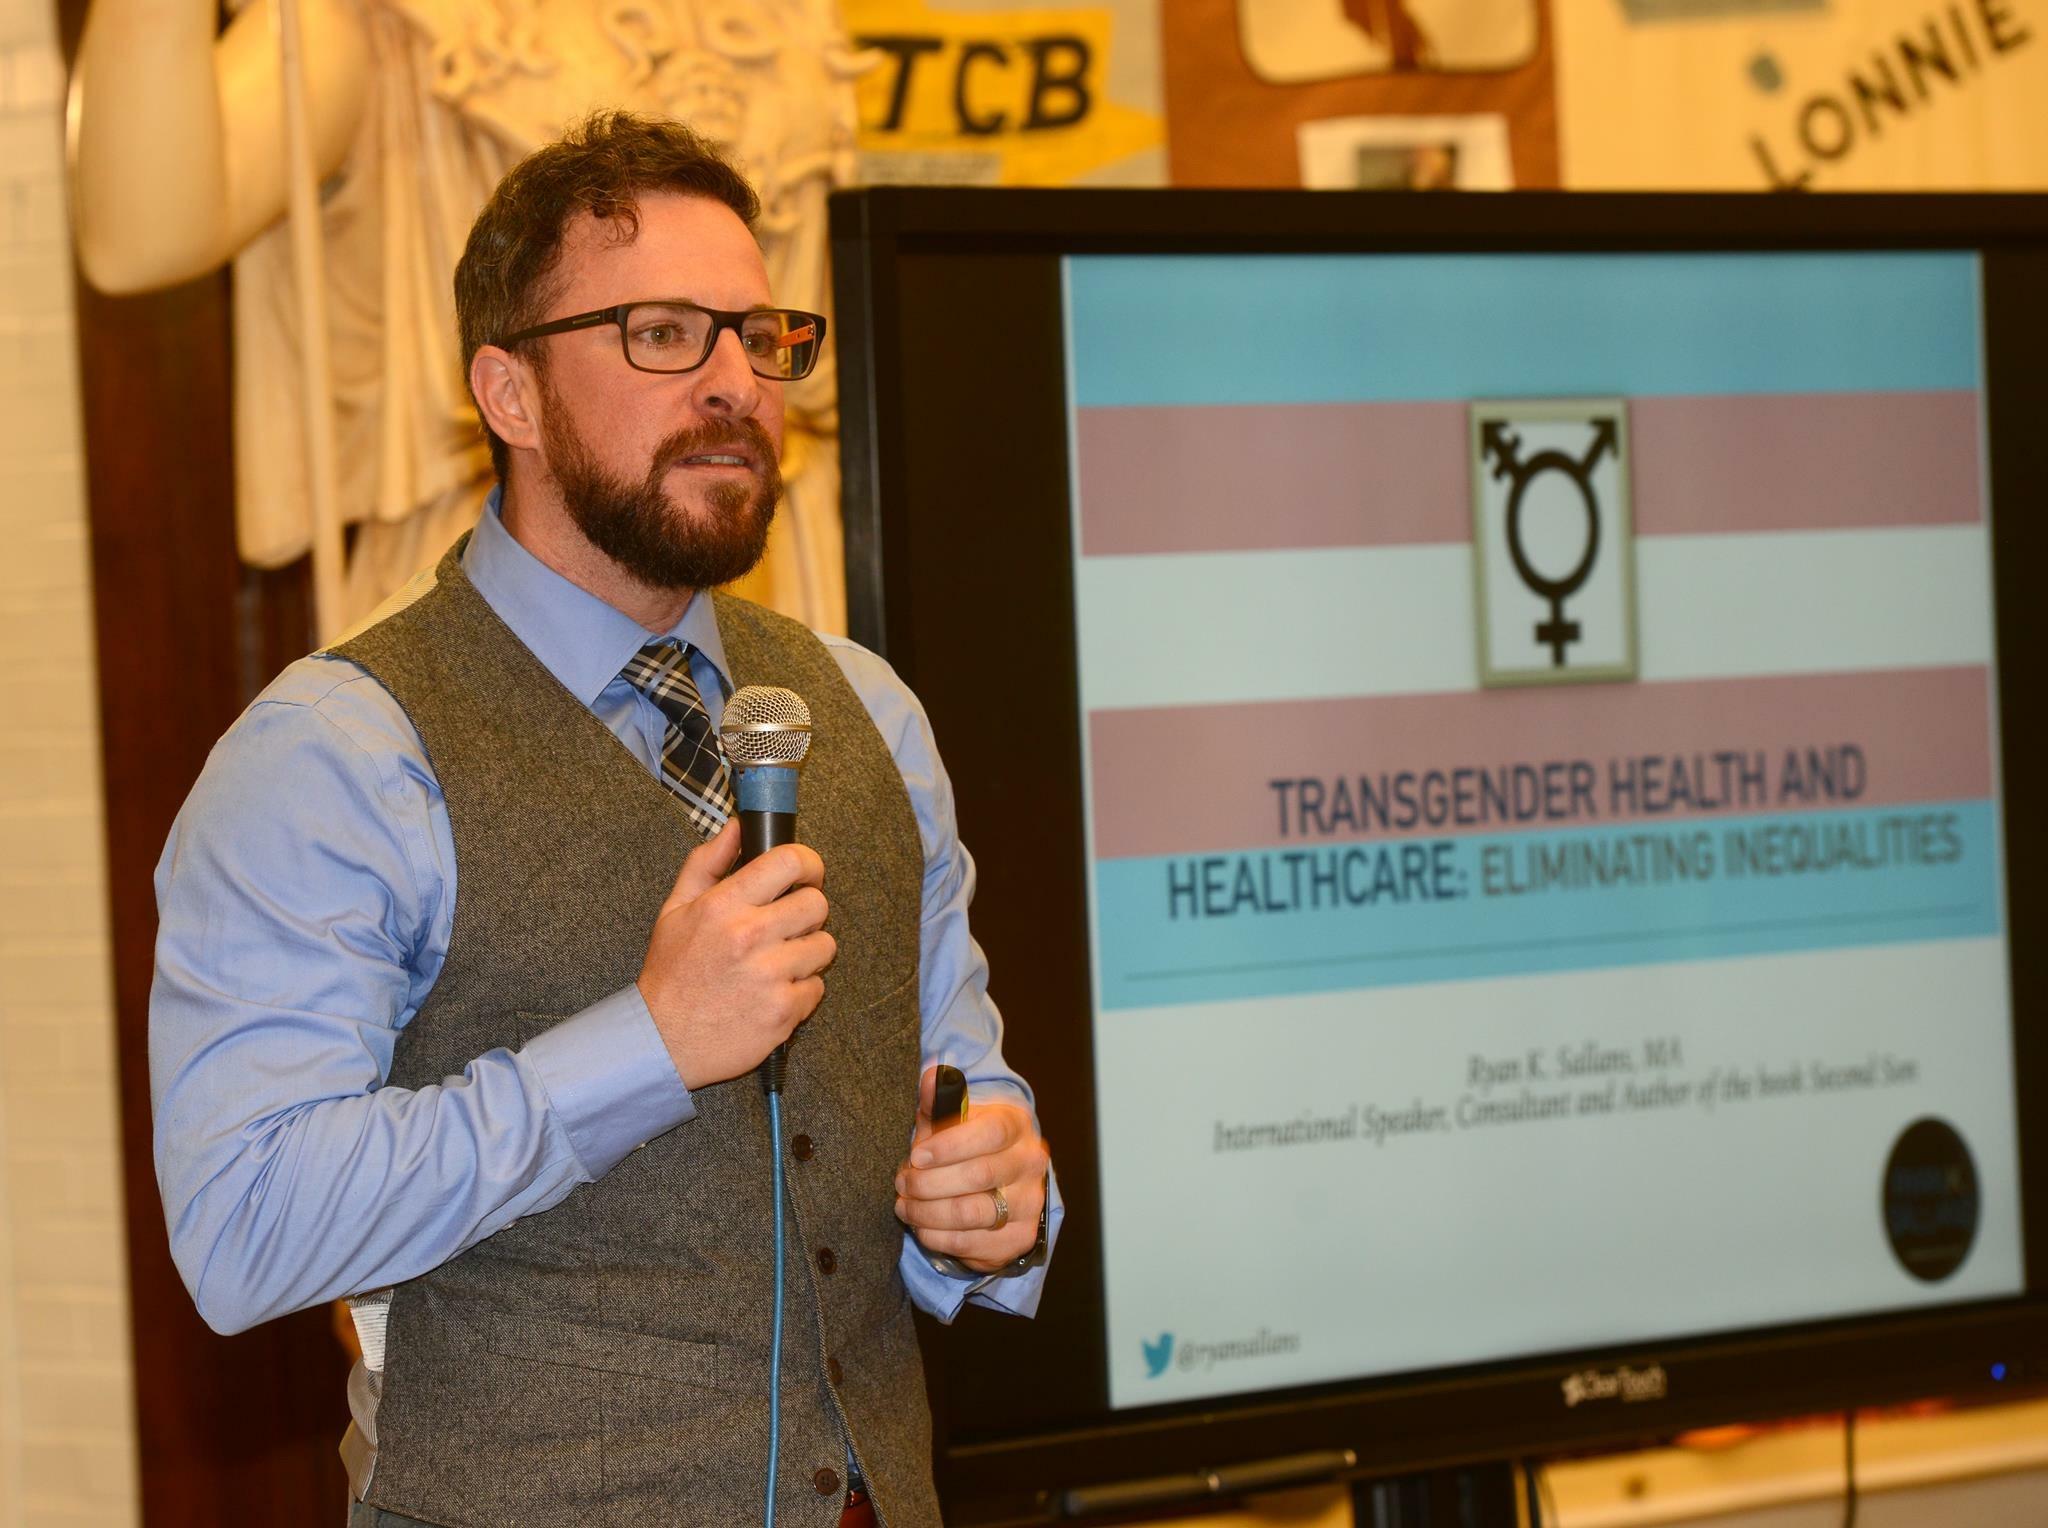 Ryan Sallans Transgender Healthcare Speaker